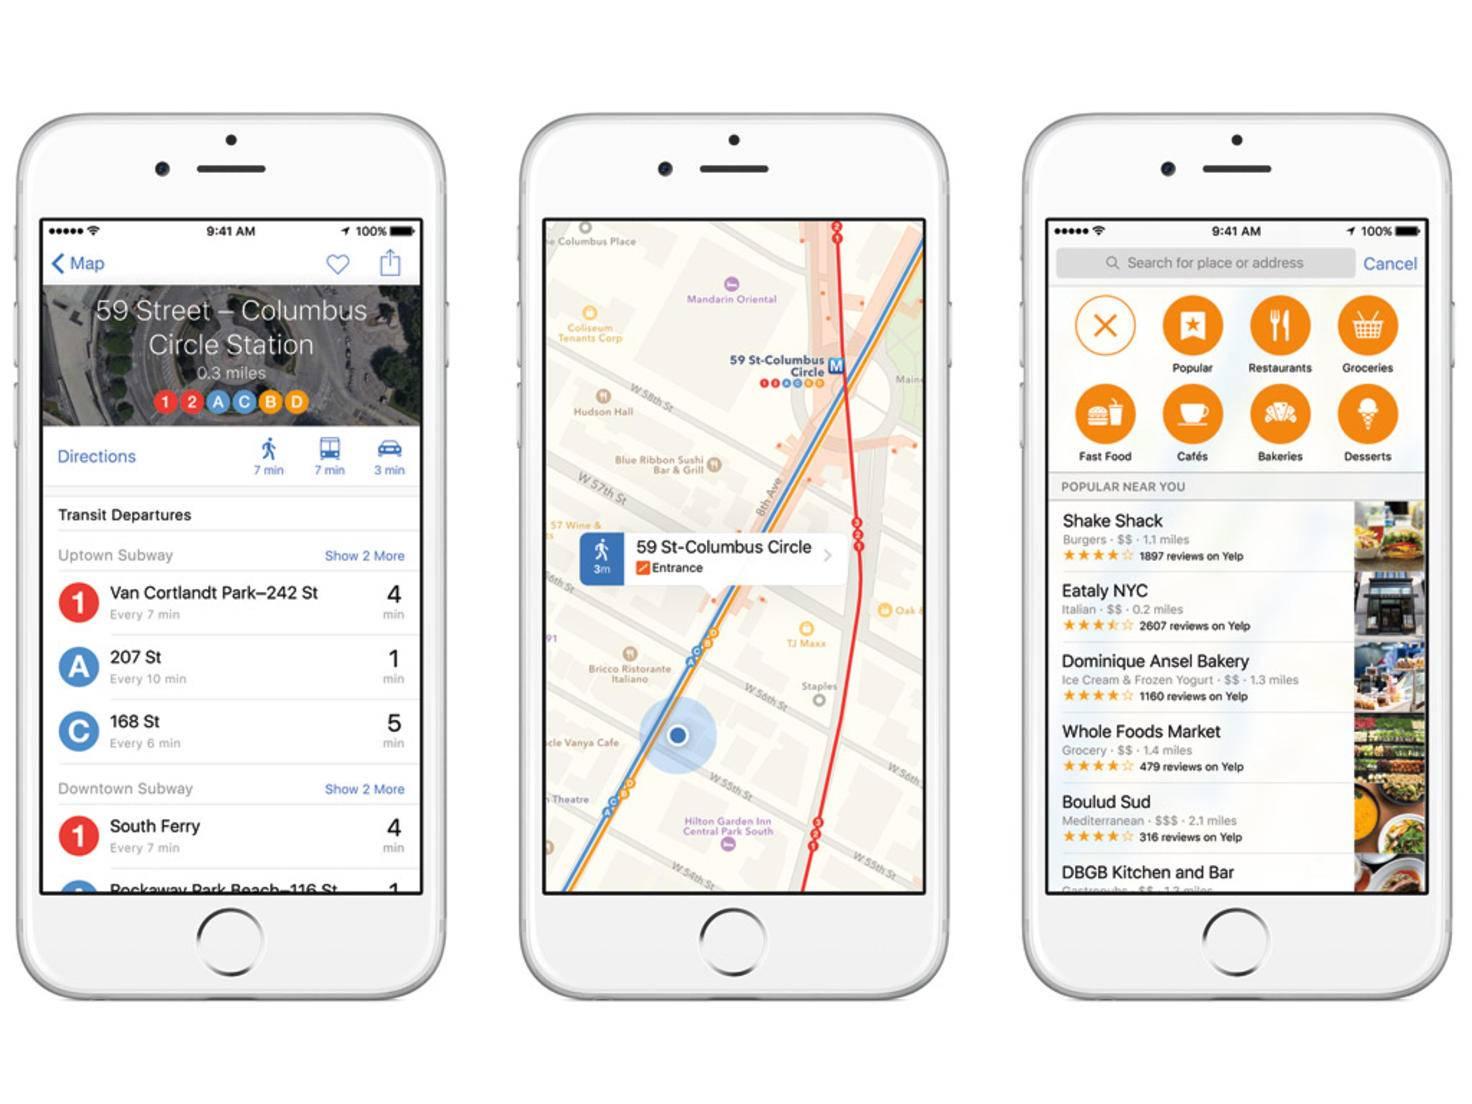 Die Karten App hat jetzt einen ÖPNV-Modus und präsentiert verschiedene Aktivitäten.